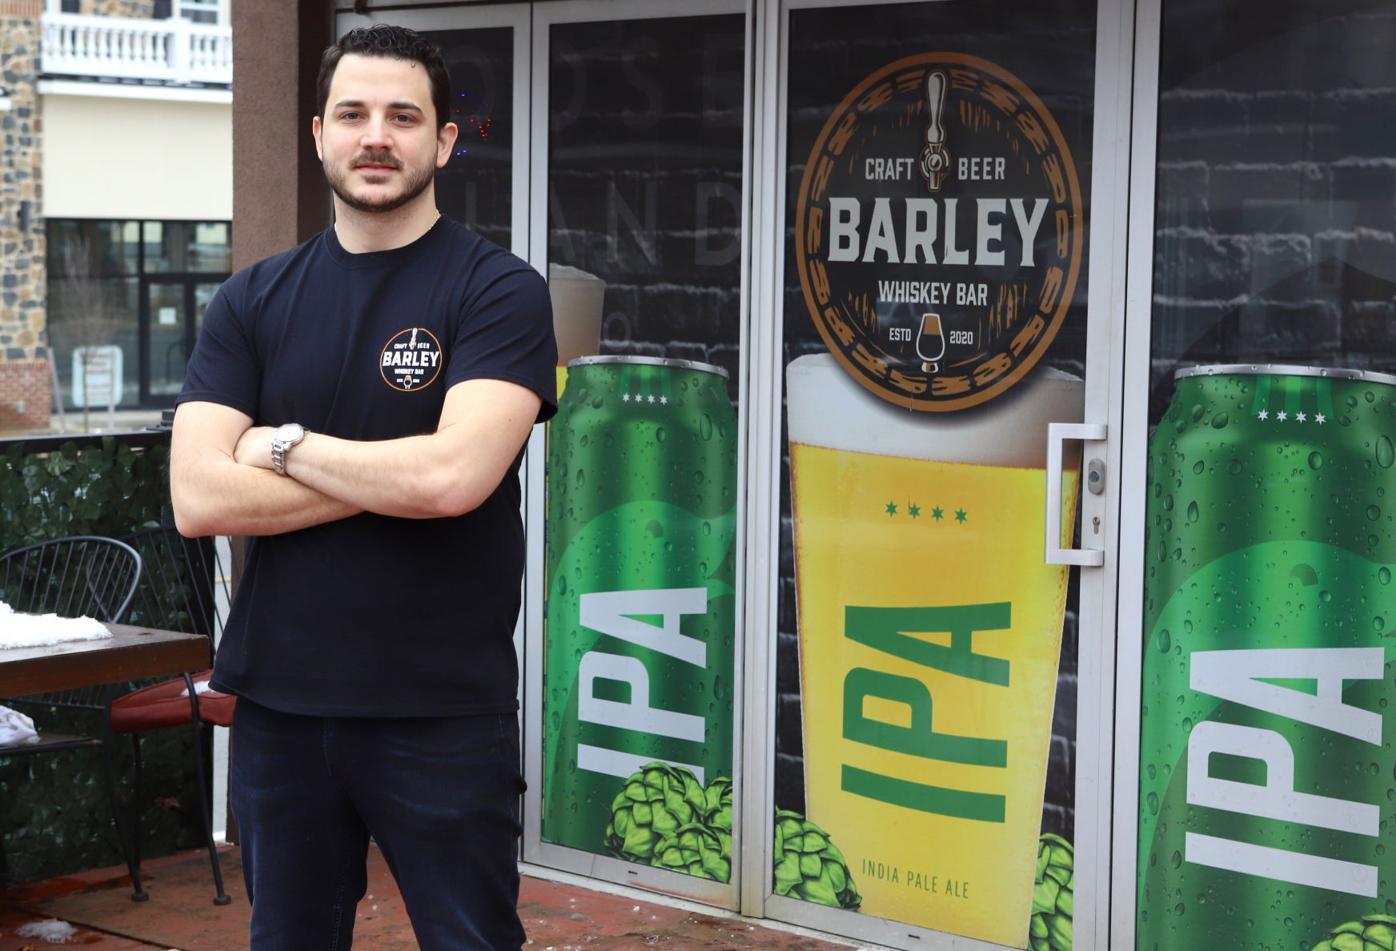 Barley bar